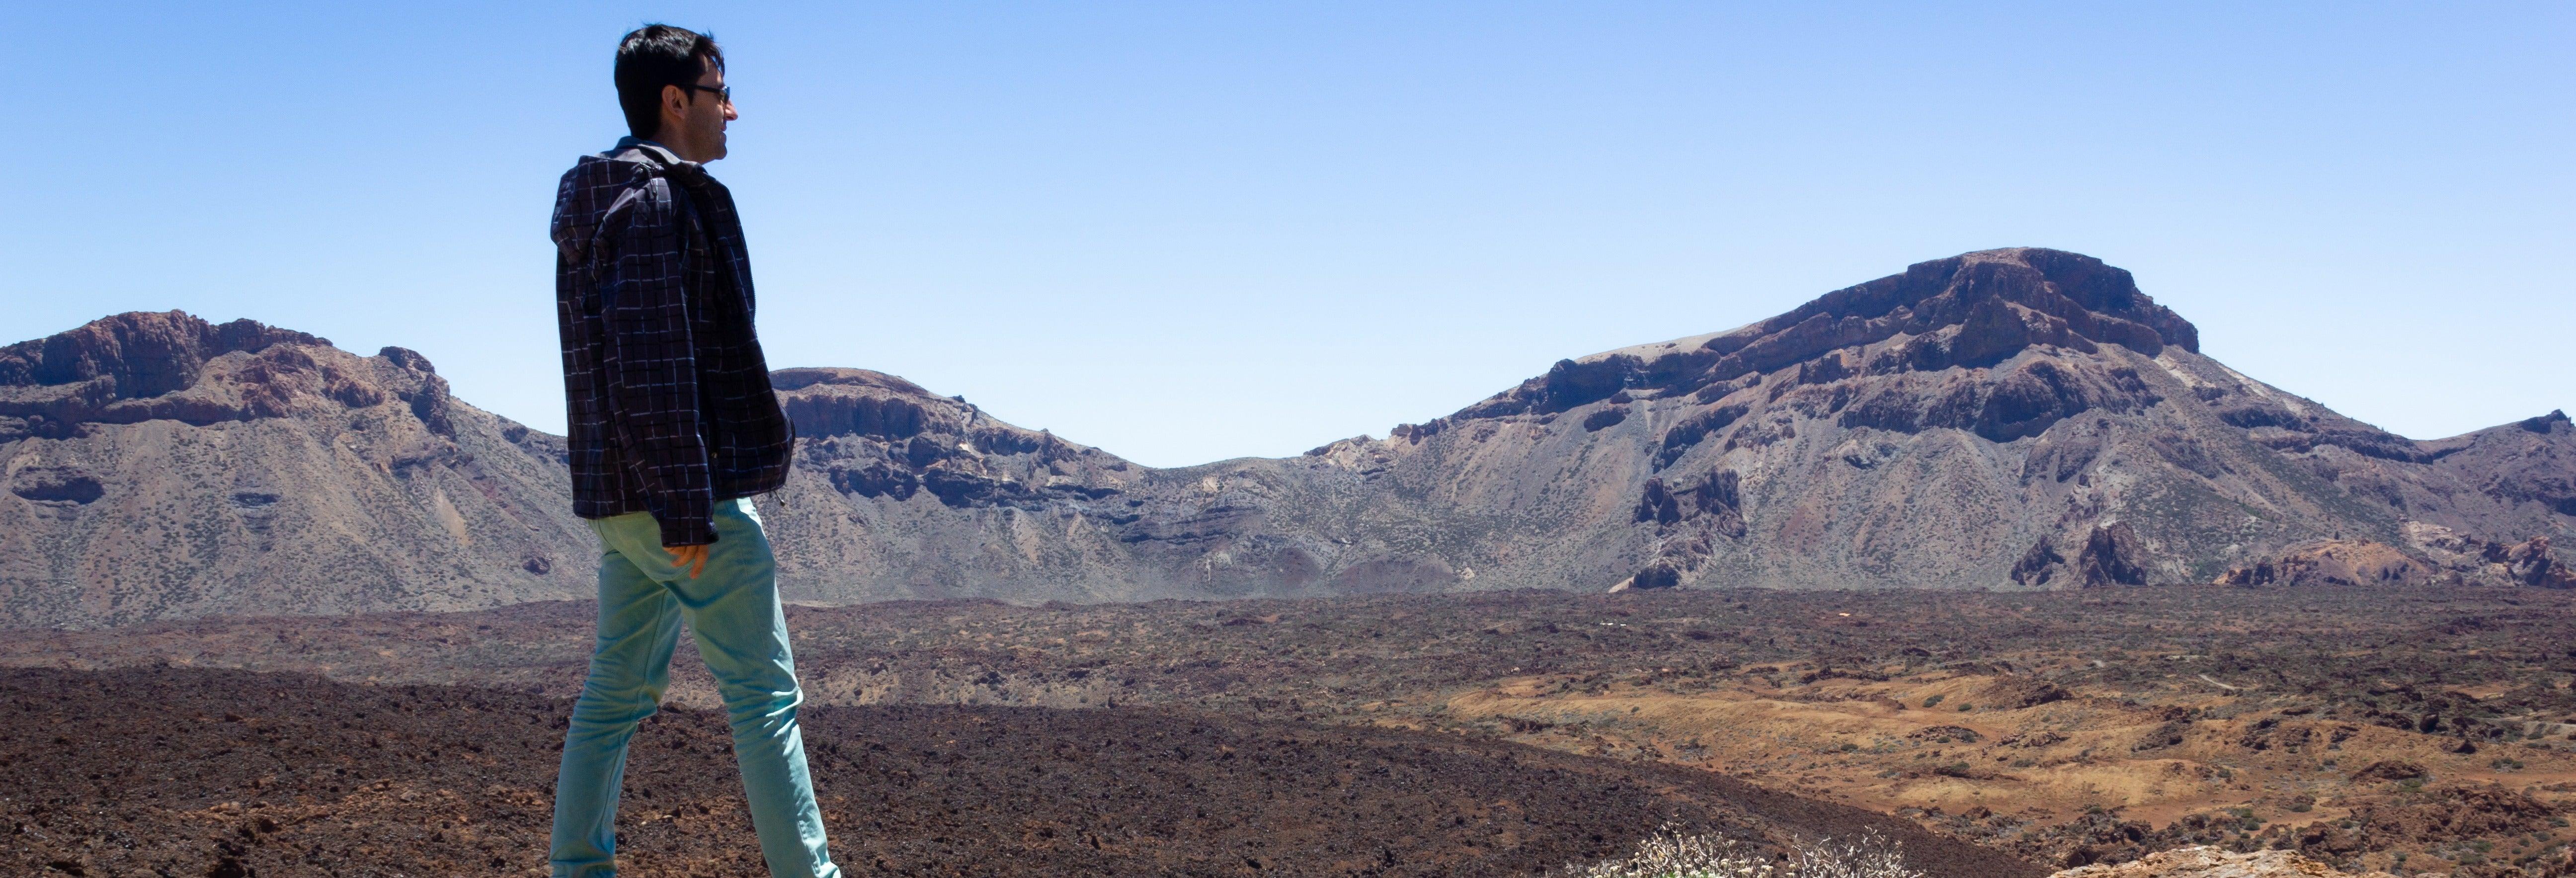 Senderismo por el Cañón Coyote